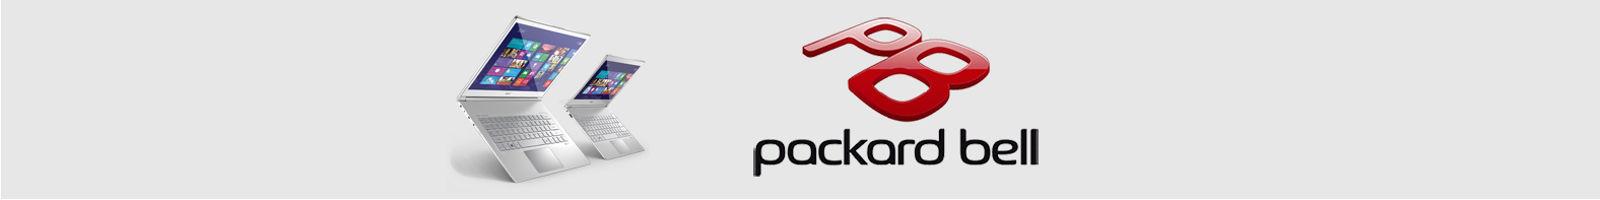 Packard Bell 1600x200